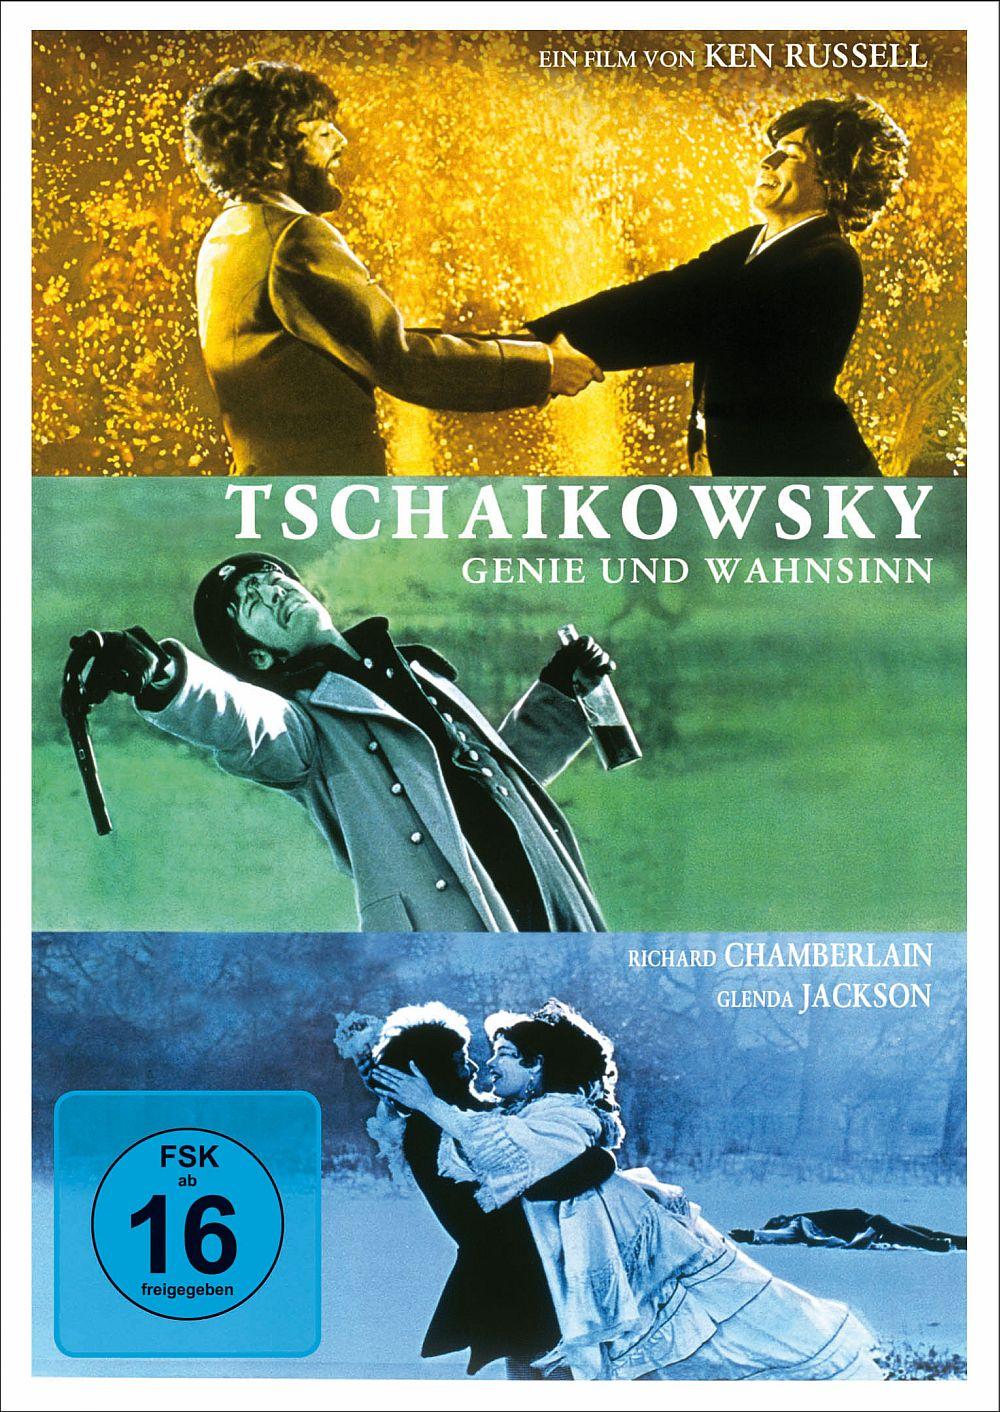 Tschaikowski - Genie und Wahnsinn (DVD) 1971